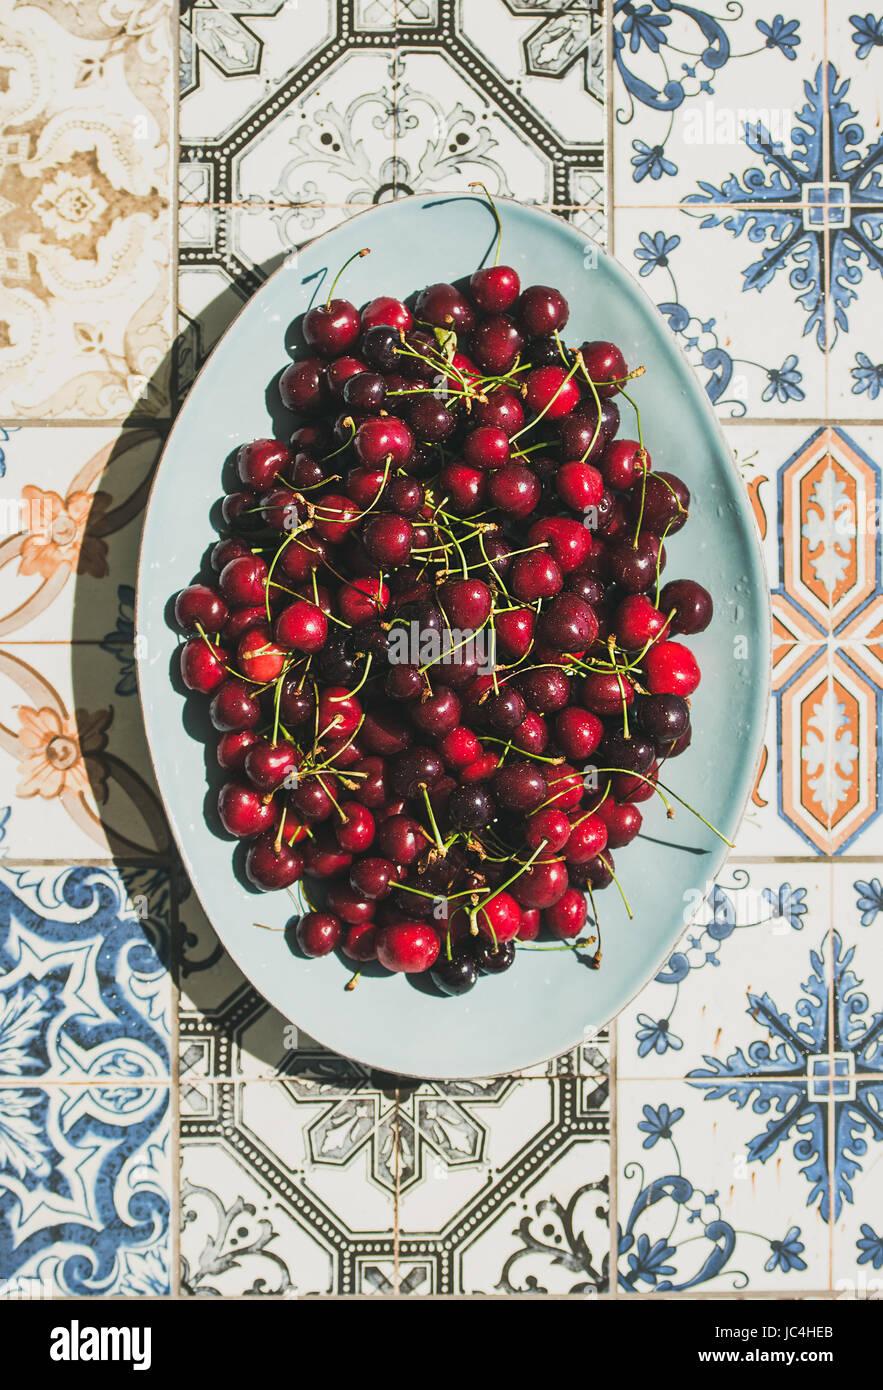 Fresche ciliege dolci orientali su piastrelle ceramiche sfondo, vista dall'alto Immagini Stock